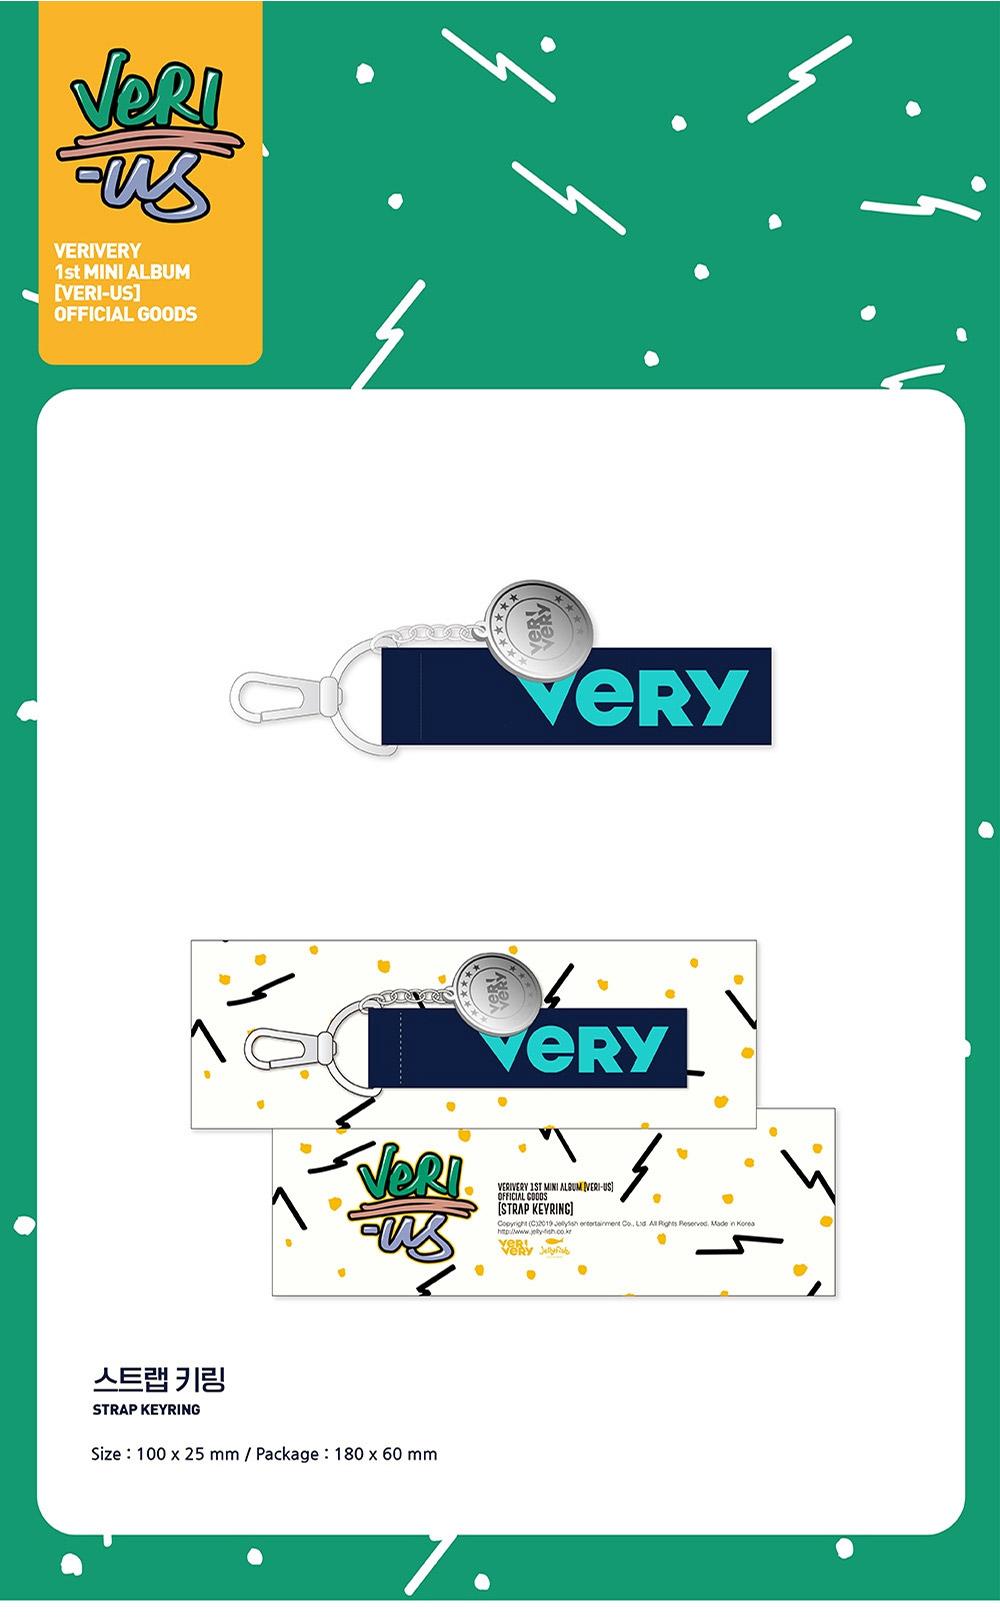 verivery_verius_strapkeyring_01.jpg